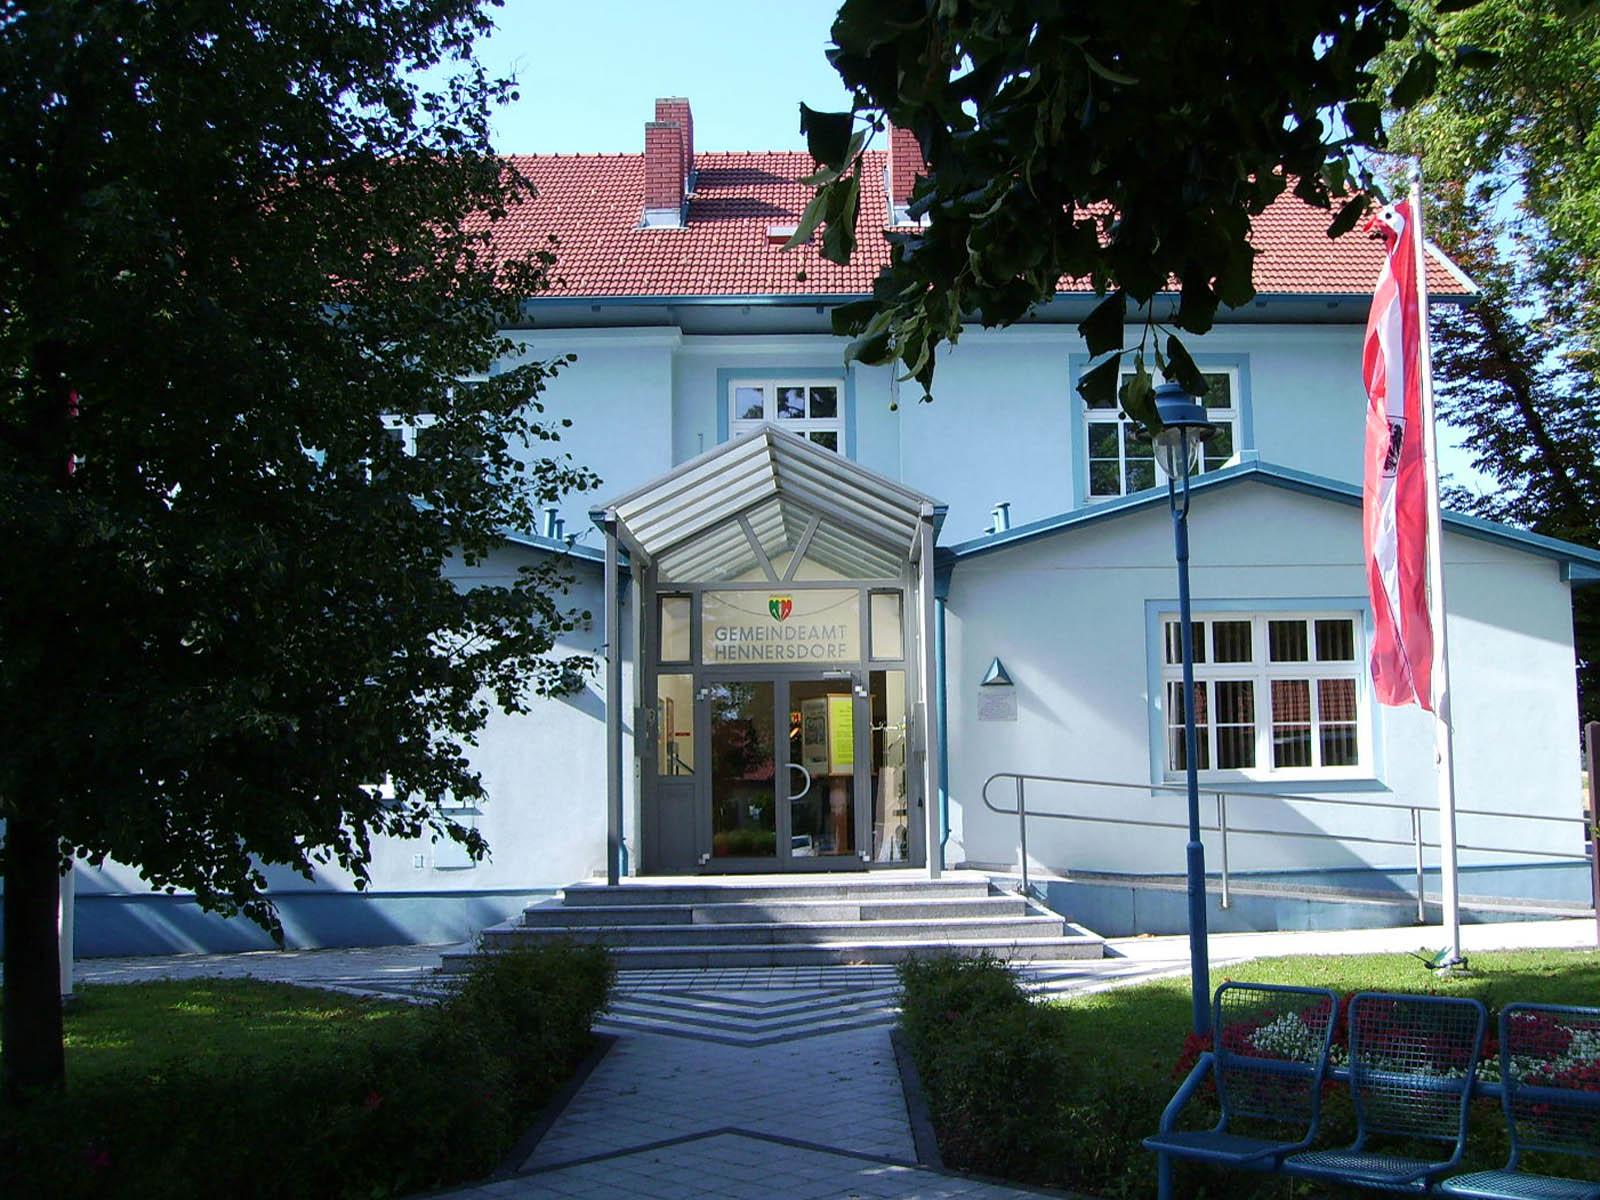 Das Rathaus in Hennersdorf